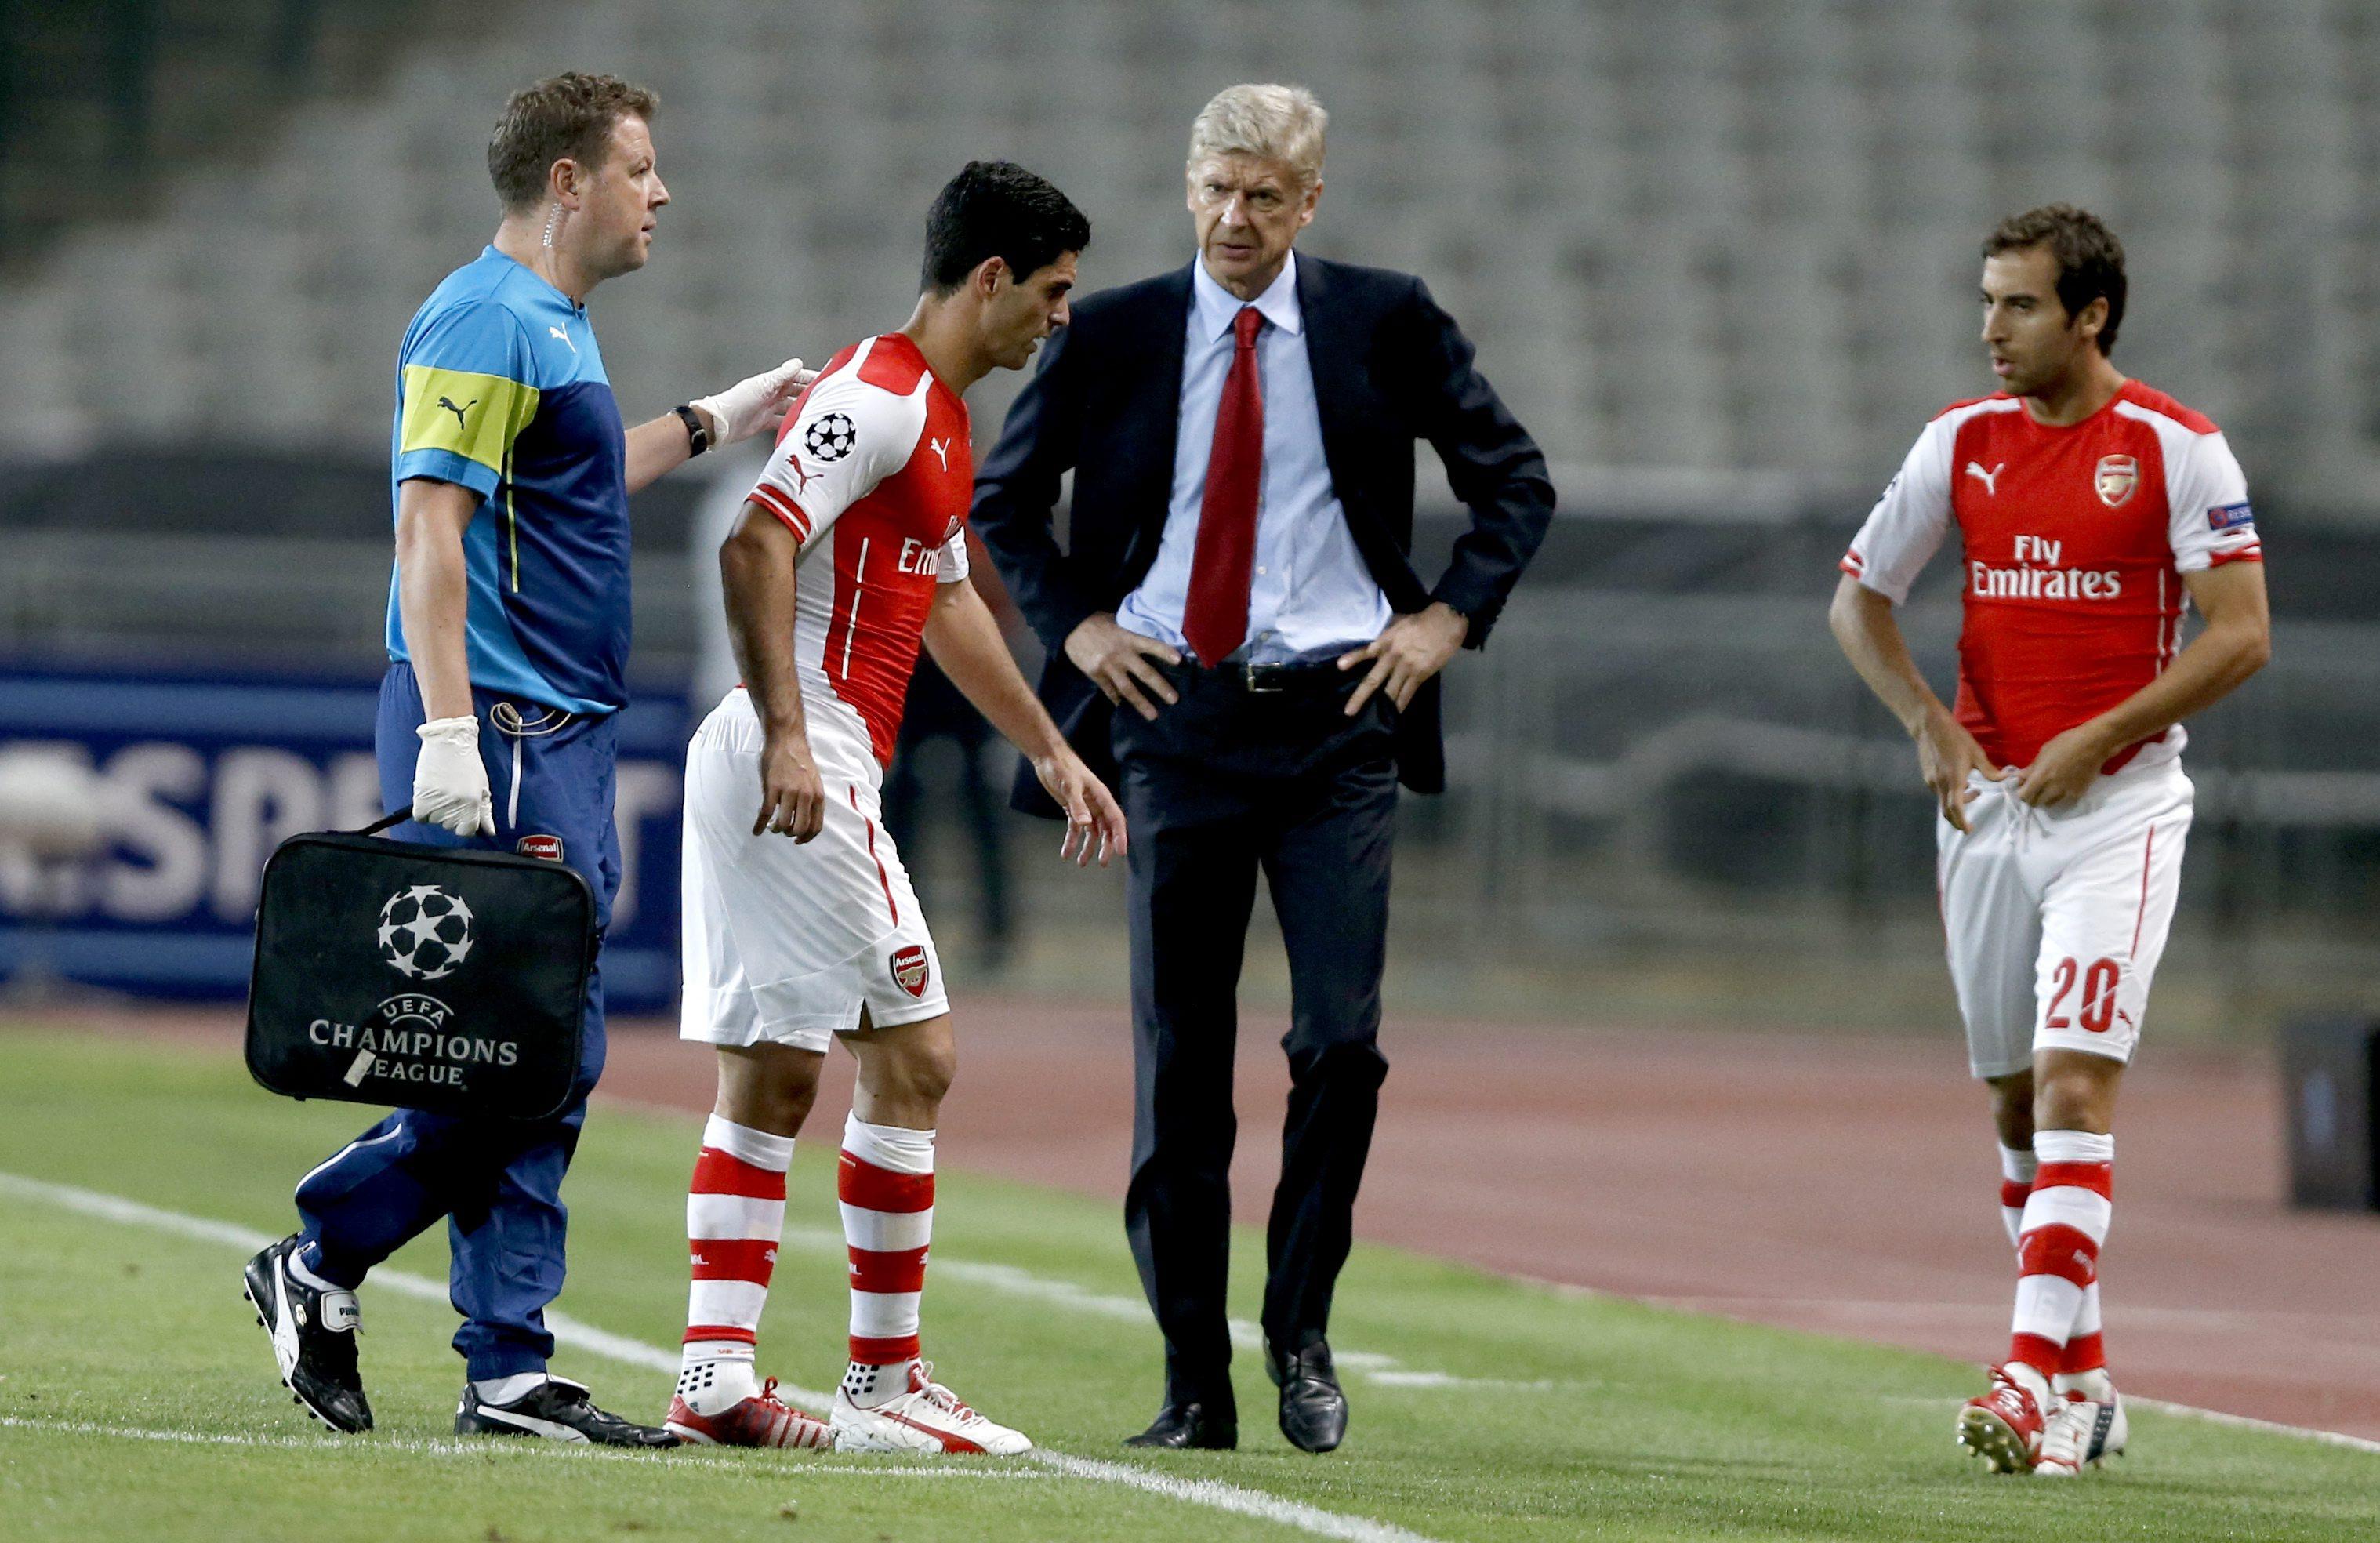 Besiktas Istanbul vs Arsenal